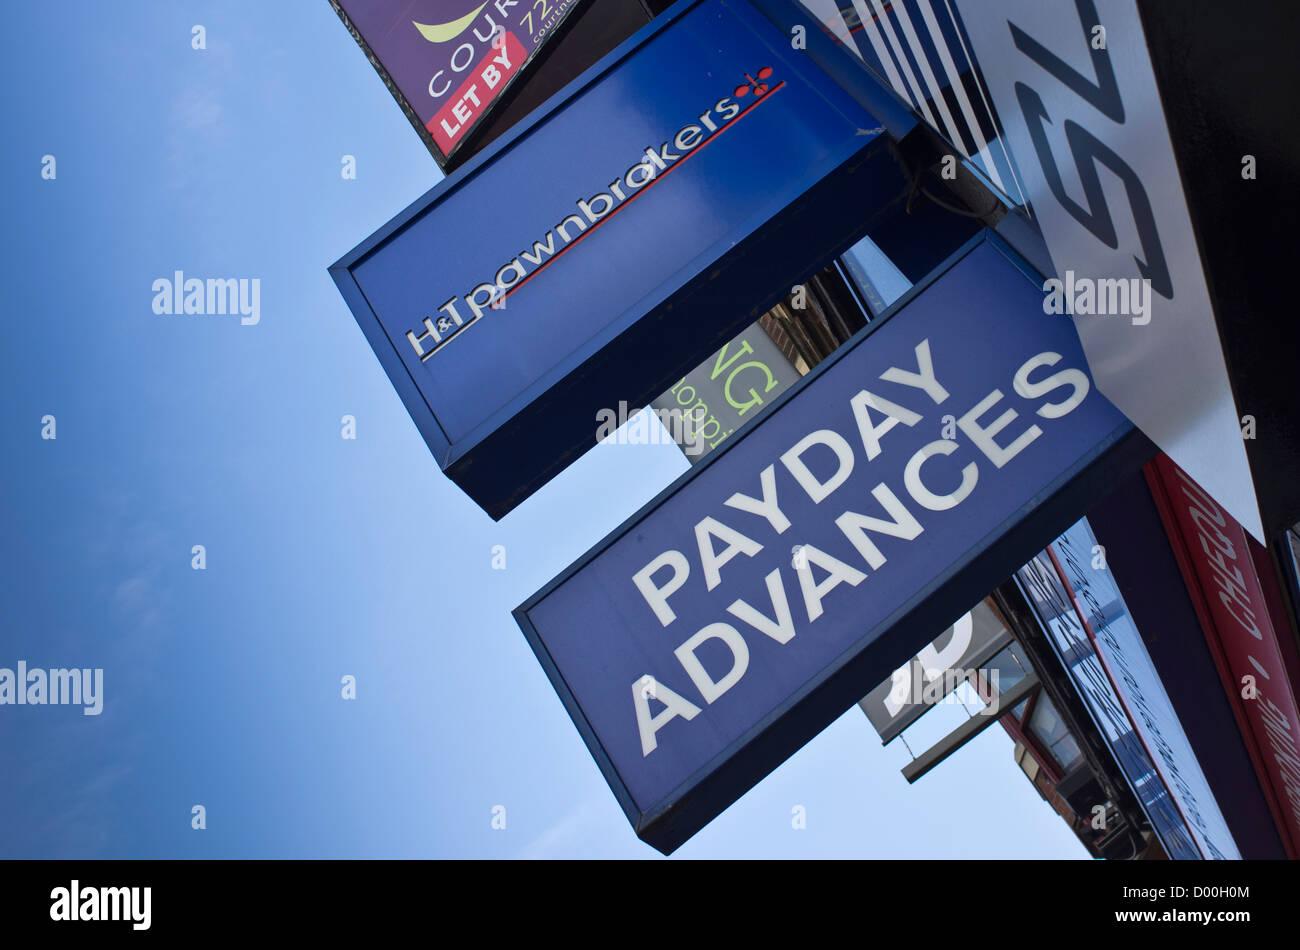 Payday loans saint george utah image 10